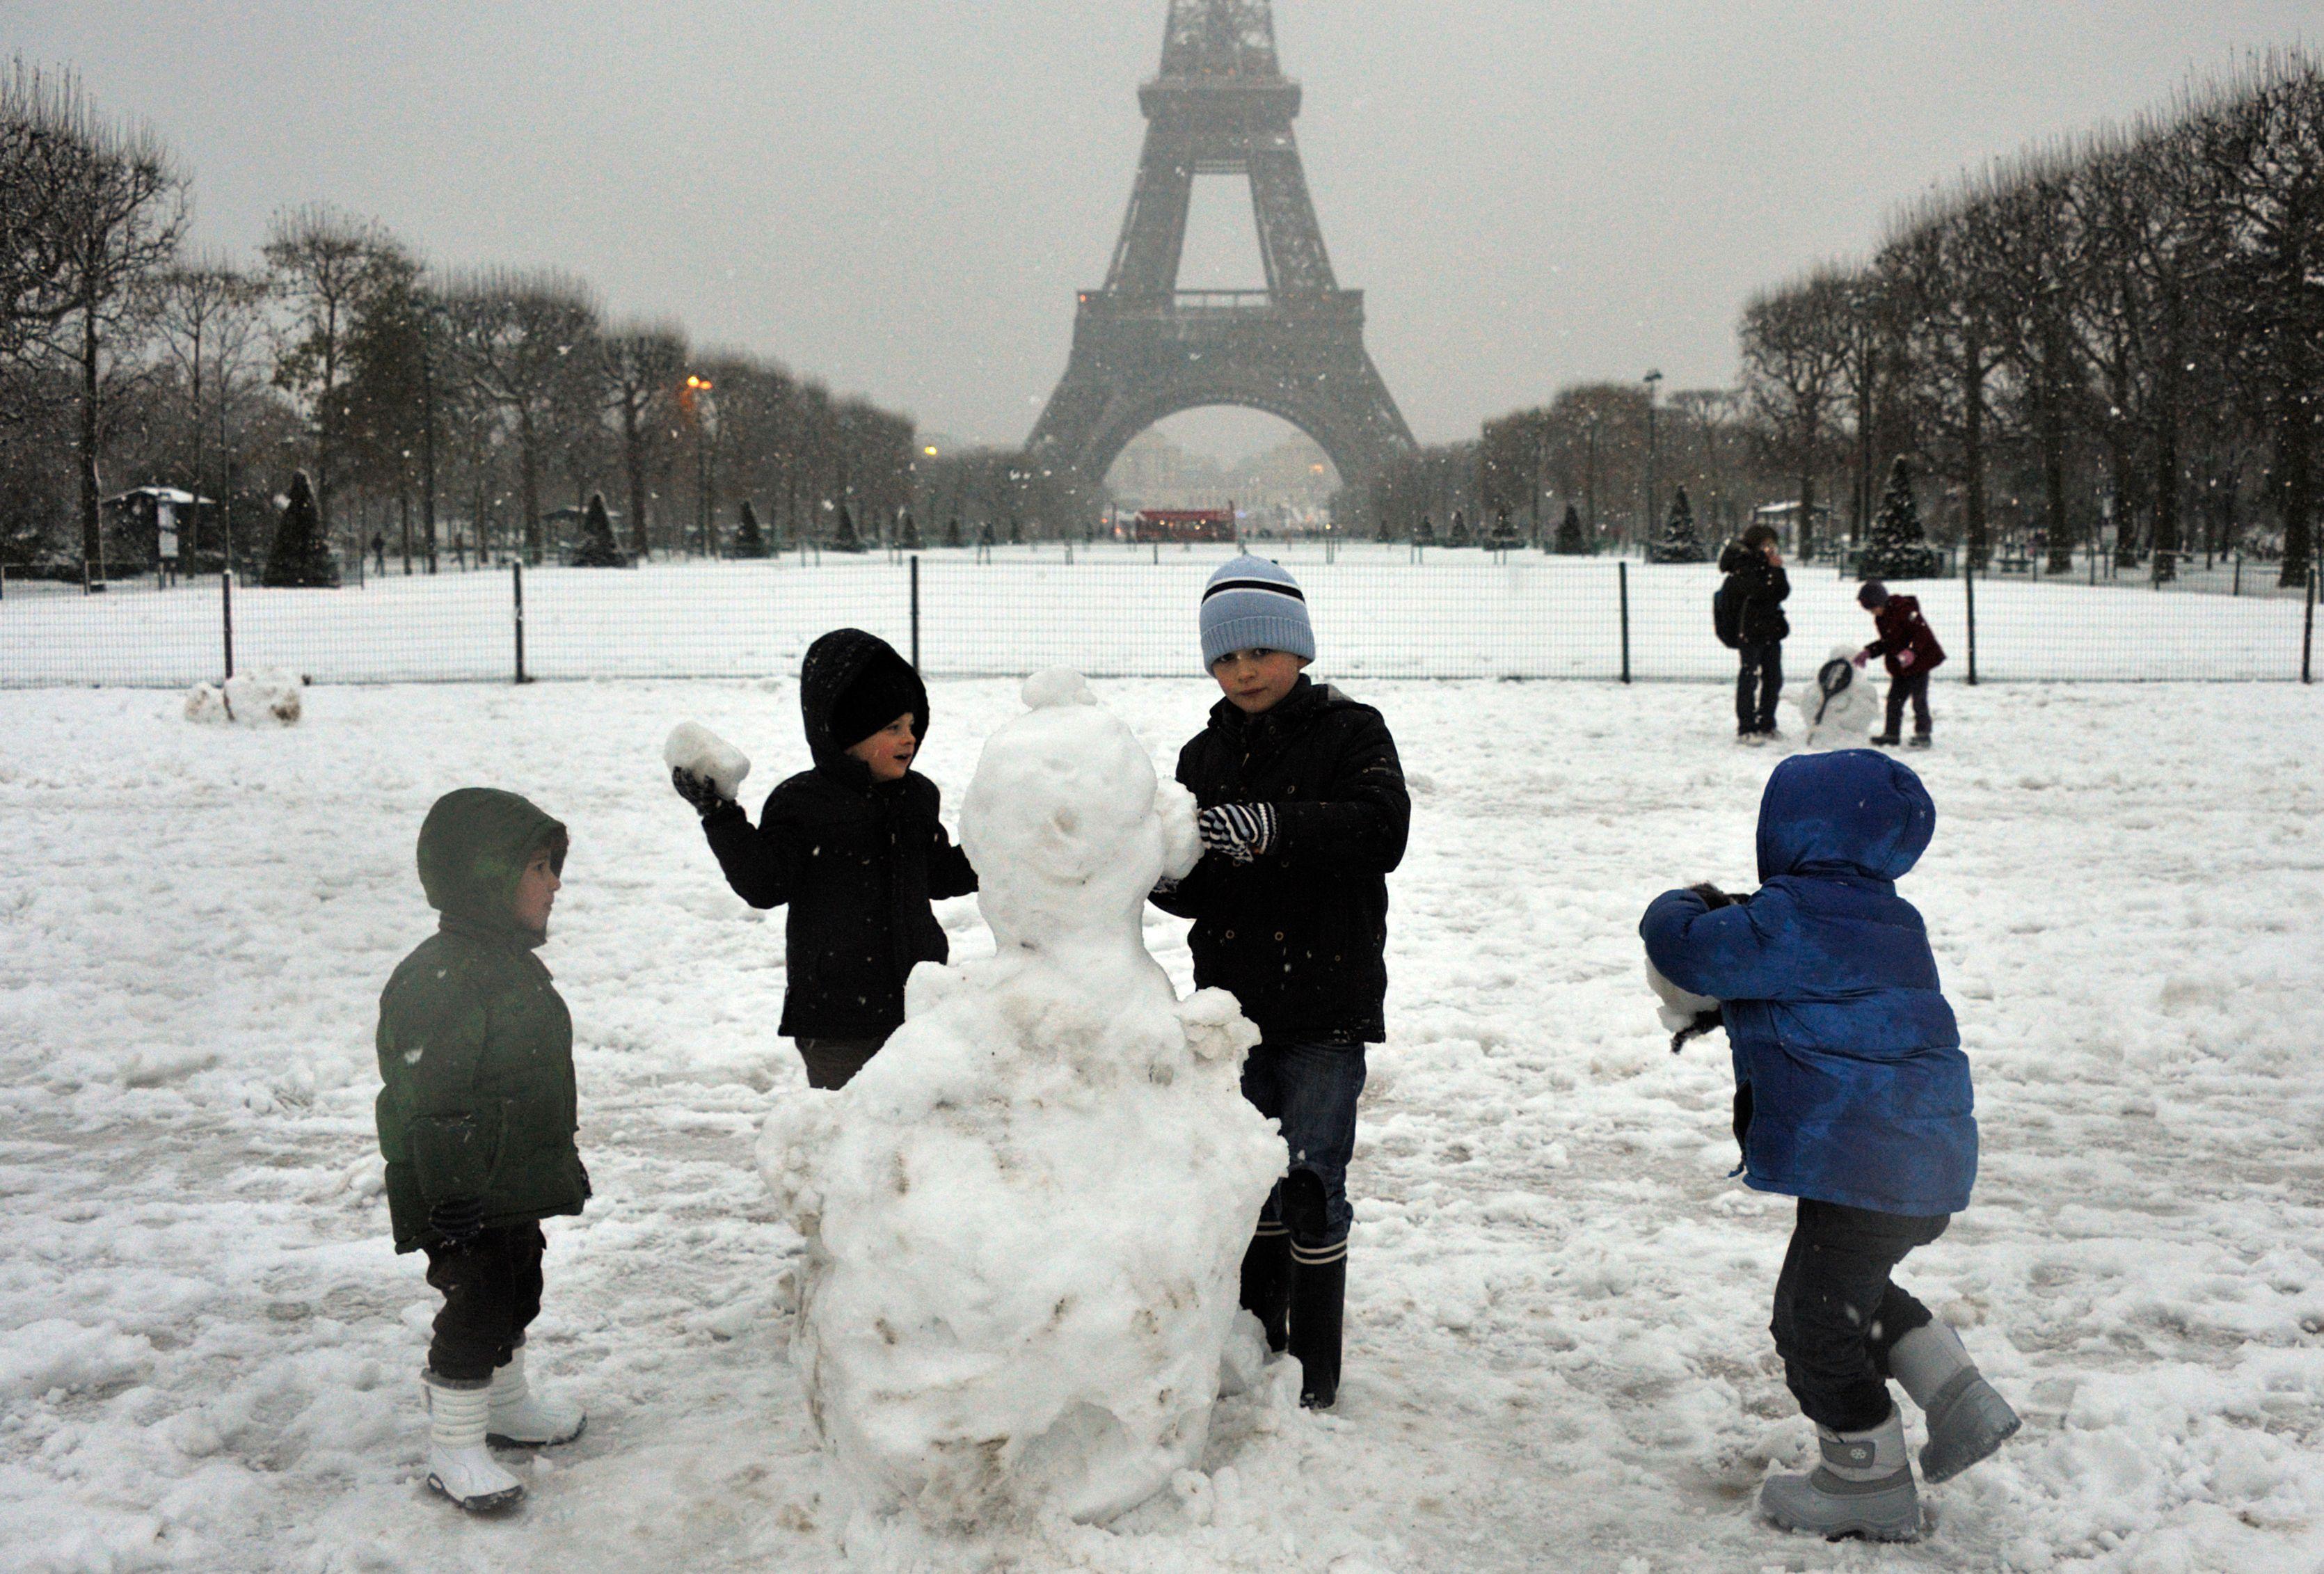 Neigera-t-il suffisamment à Pairs pour que les enfants s'amusent à en faire des bonhommes ?